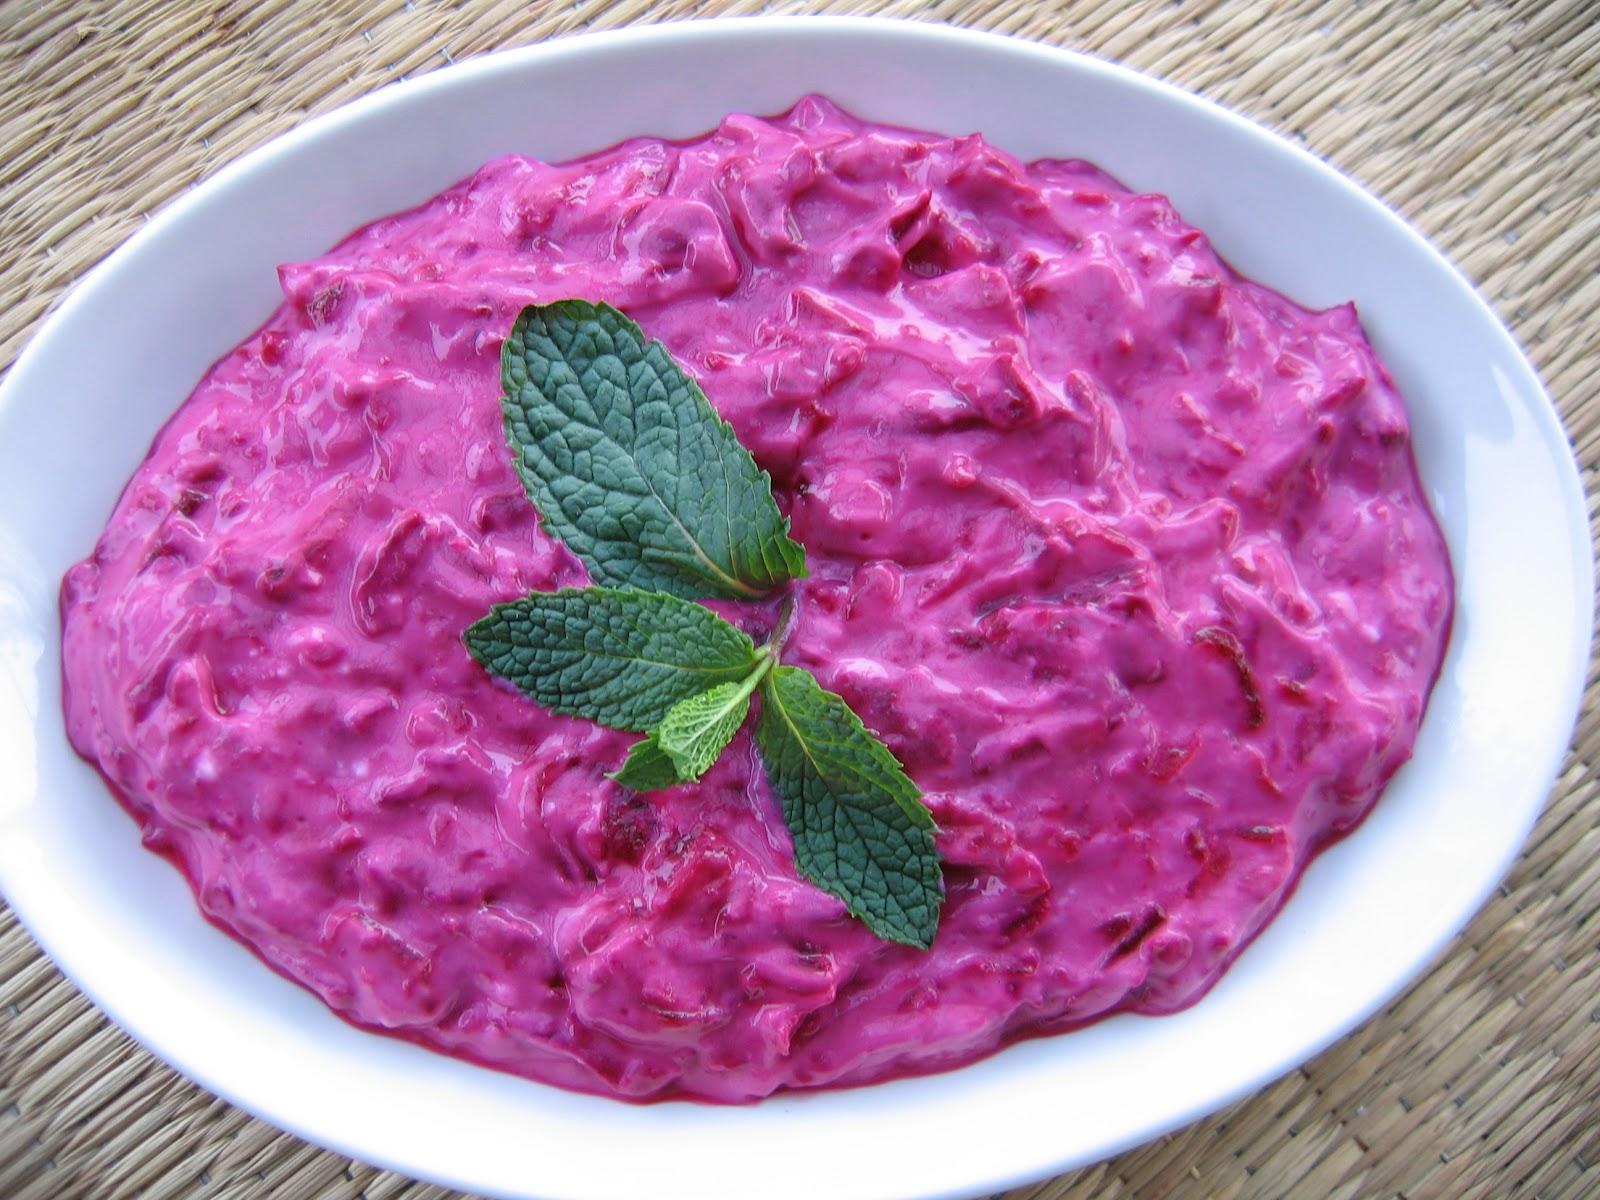 Yasemin S Kitchen Pink Sultan Beet Dip With Garlic Yogurt